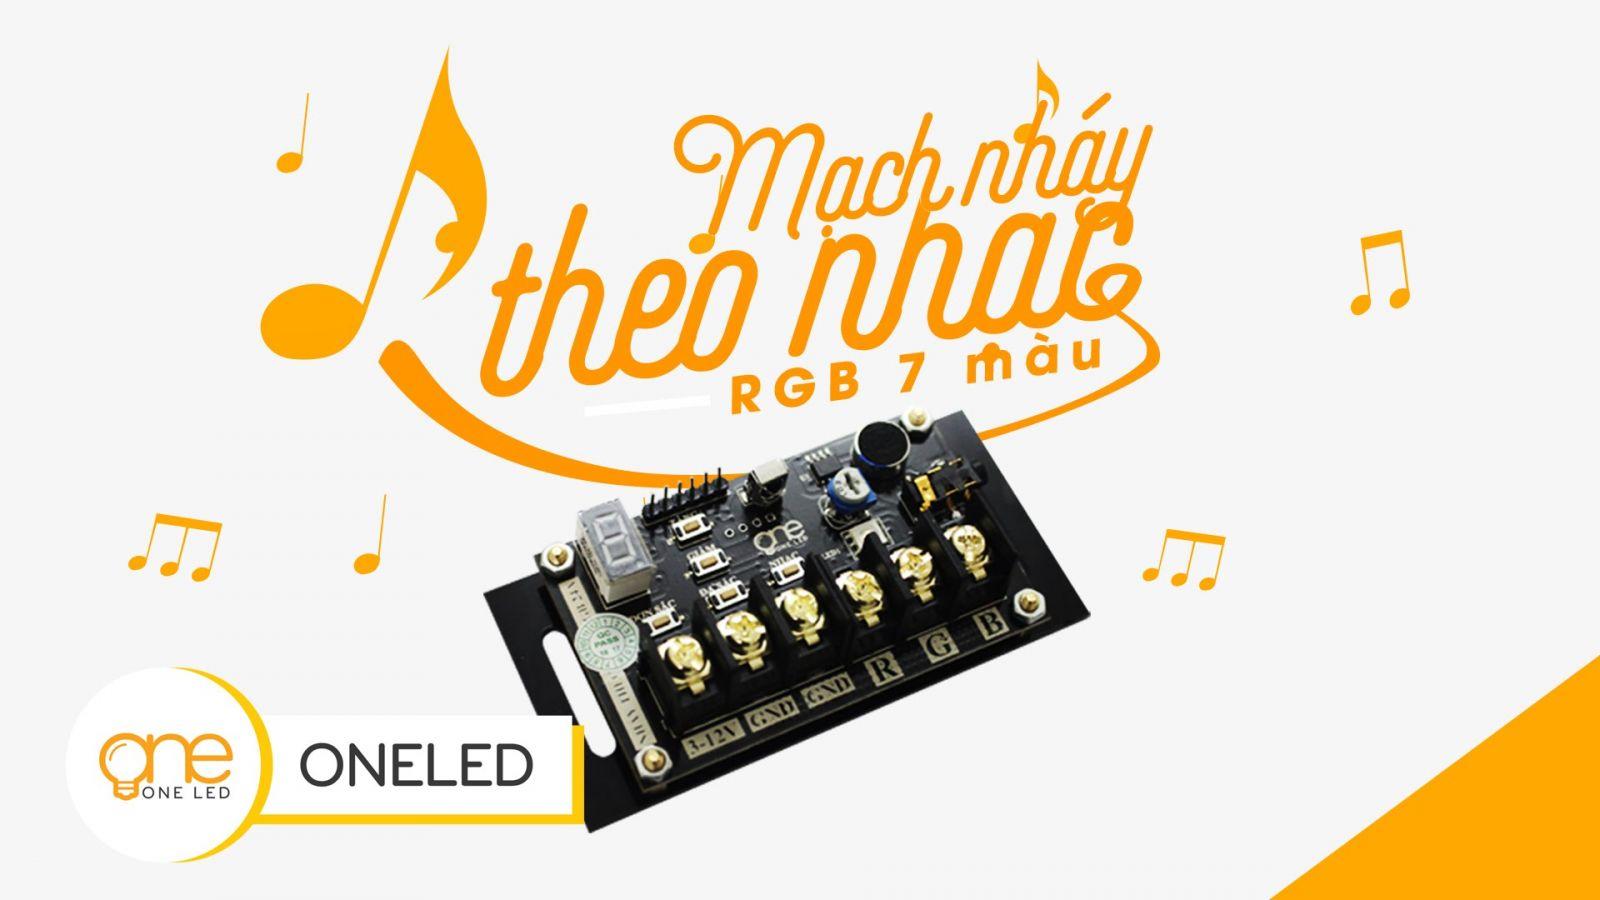 mach one led 7 mau rgb ntn